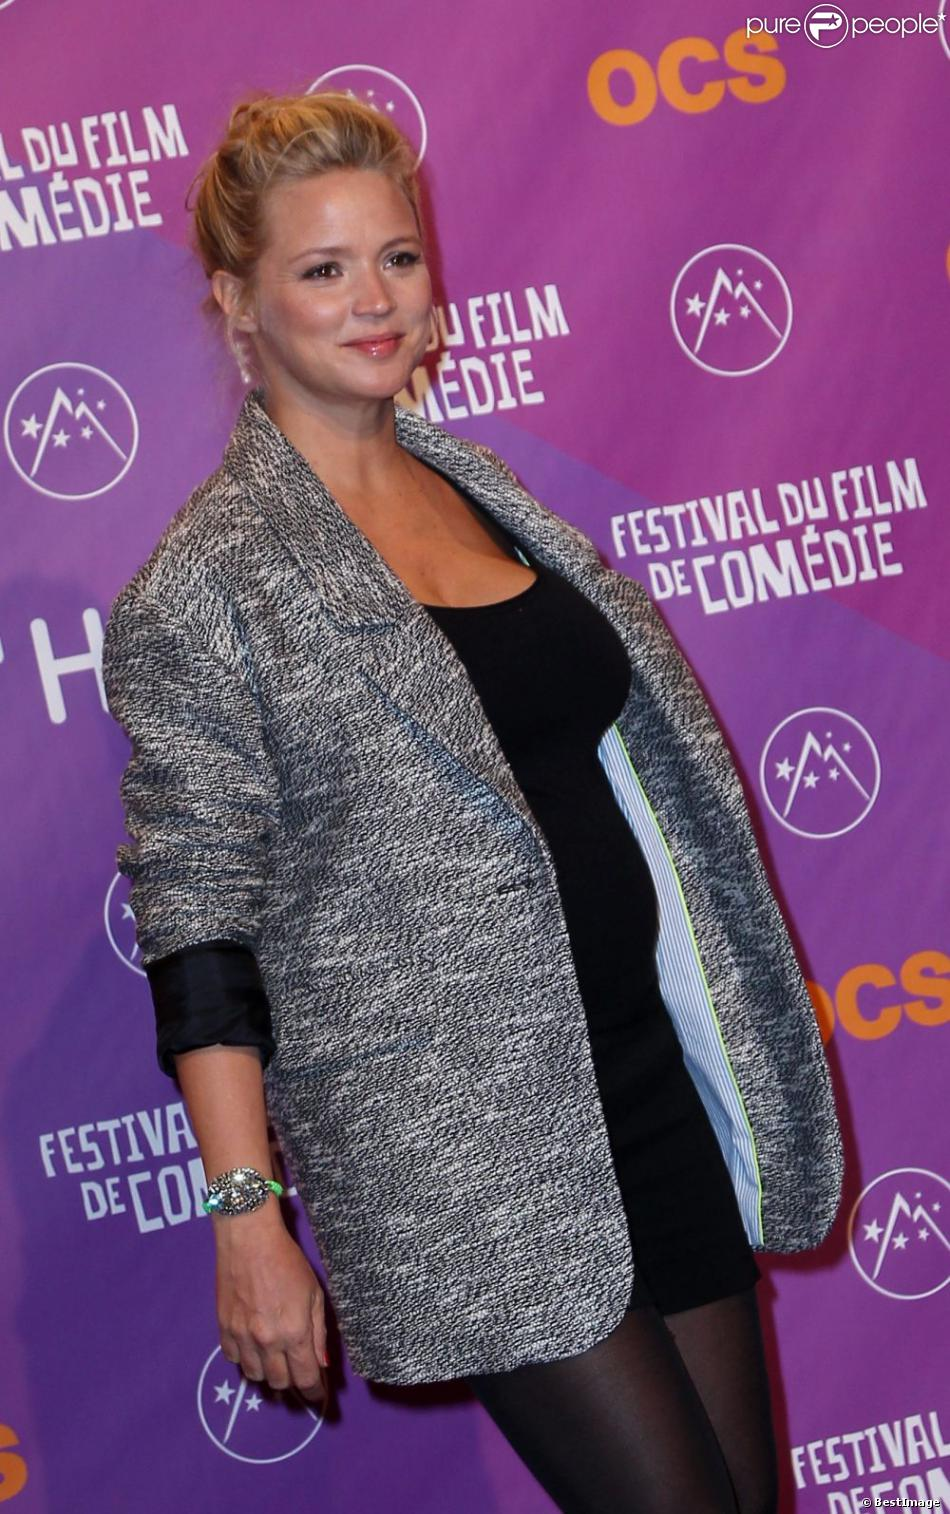 Virginie Efira est radieuse et émue lors de la soirée de clôture du Festival du film de comédie de l'Alpe d'Huez, le 19 janvier 2013.